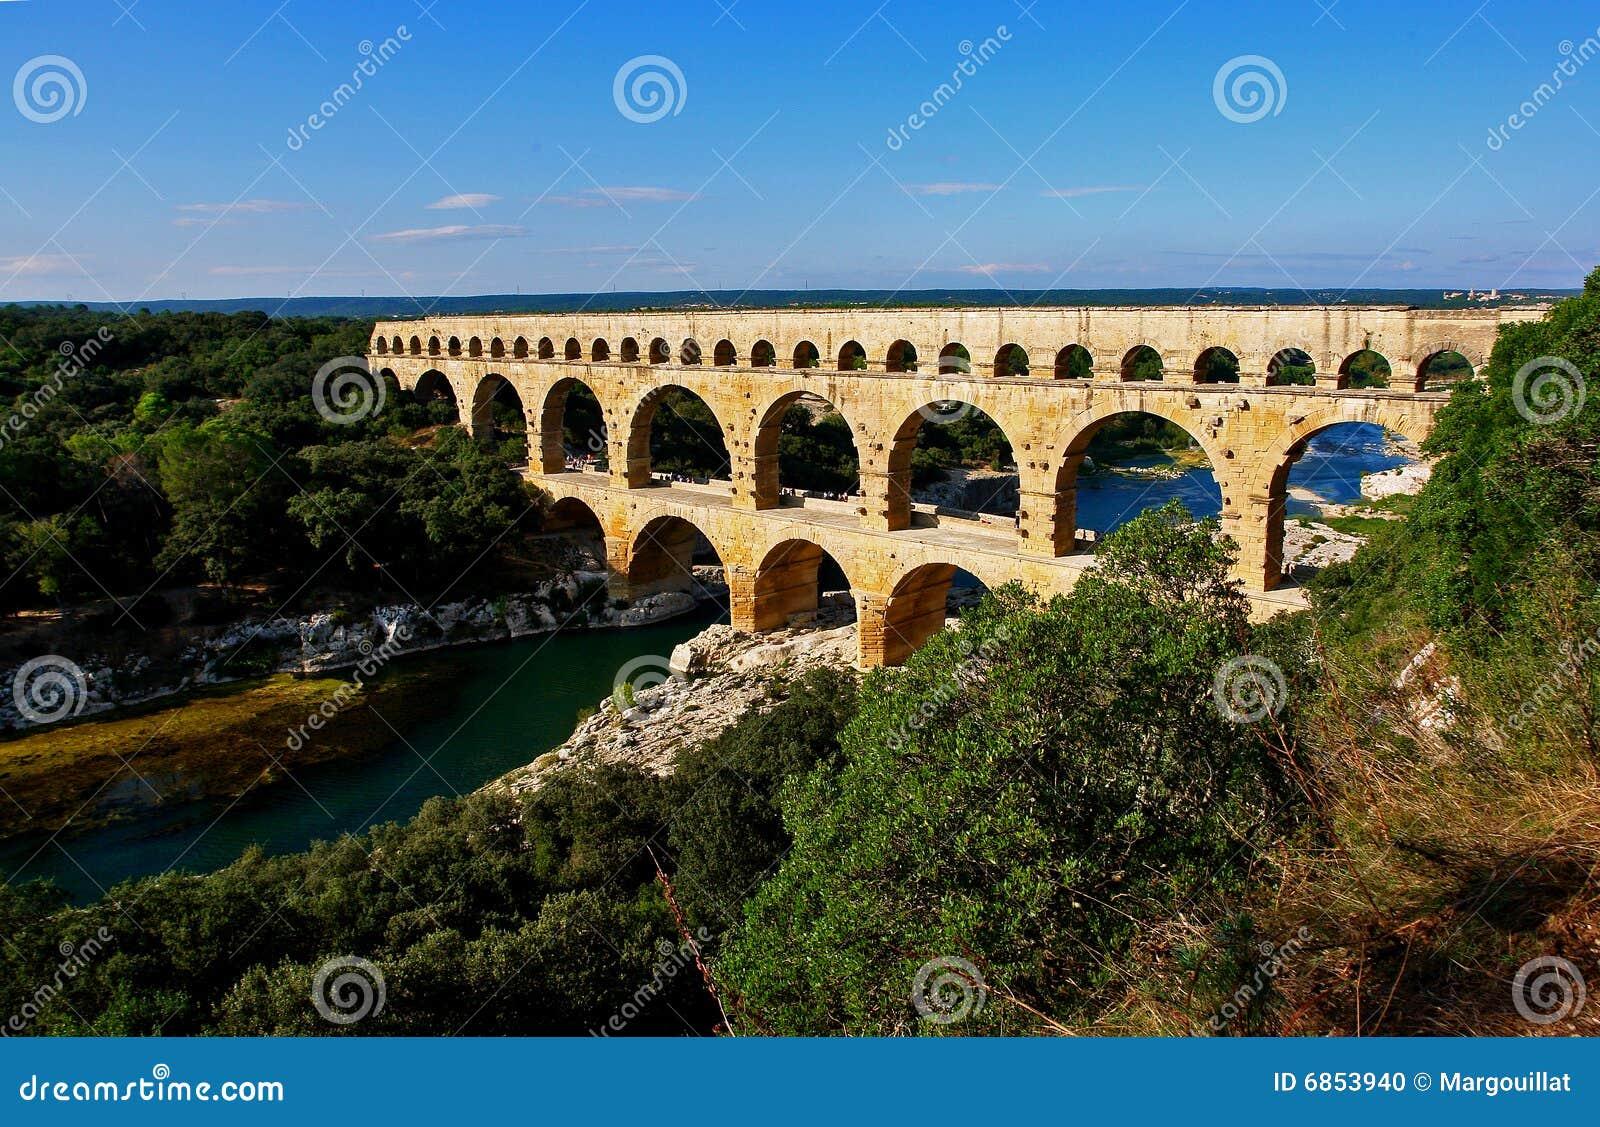 罗马渡槽du gard的pont